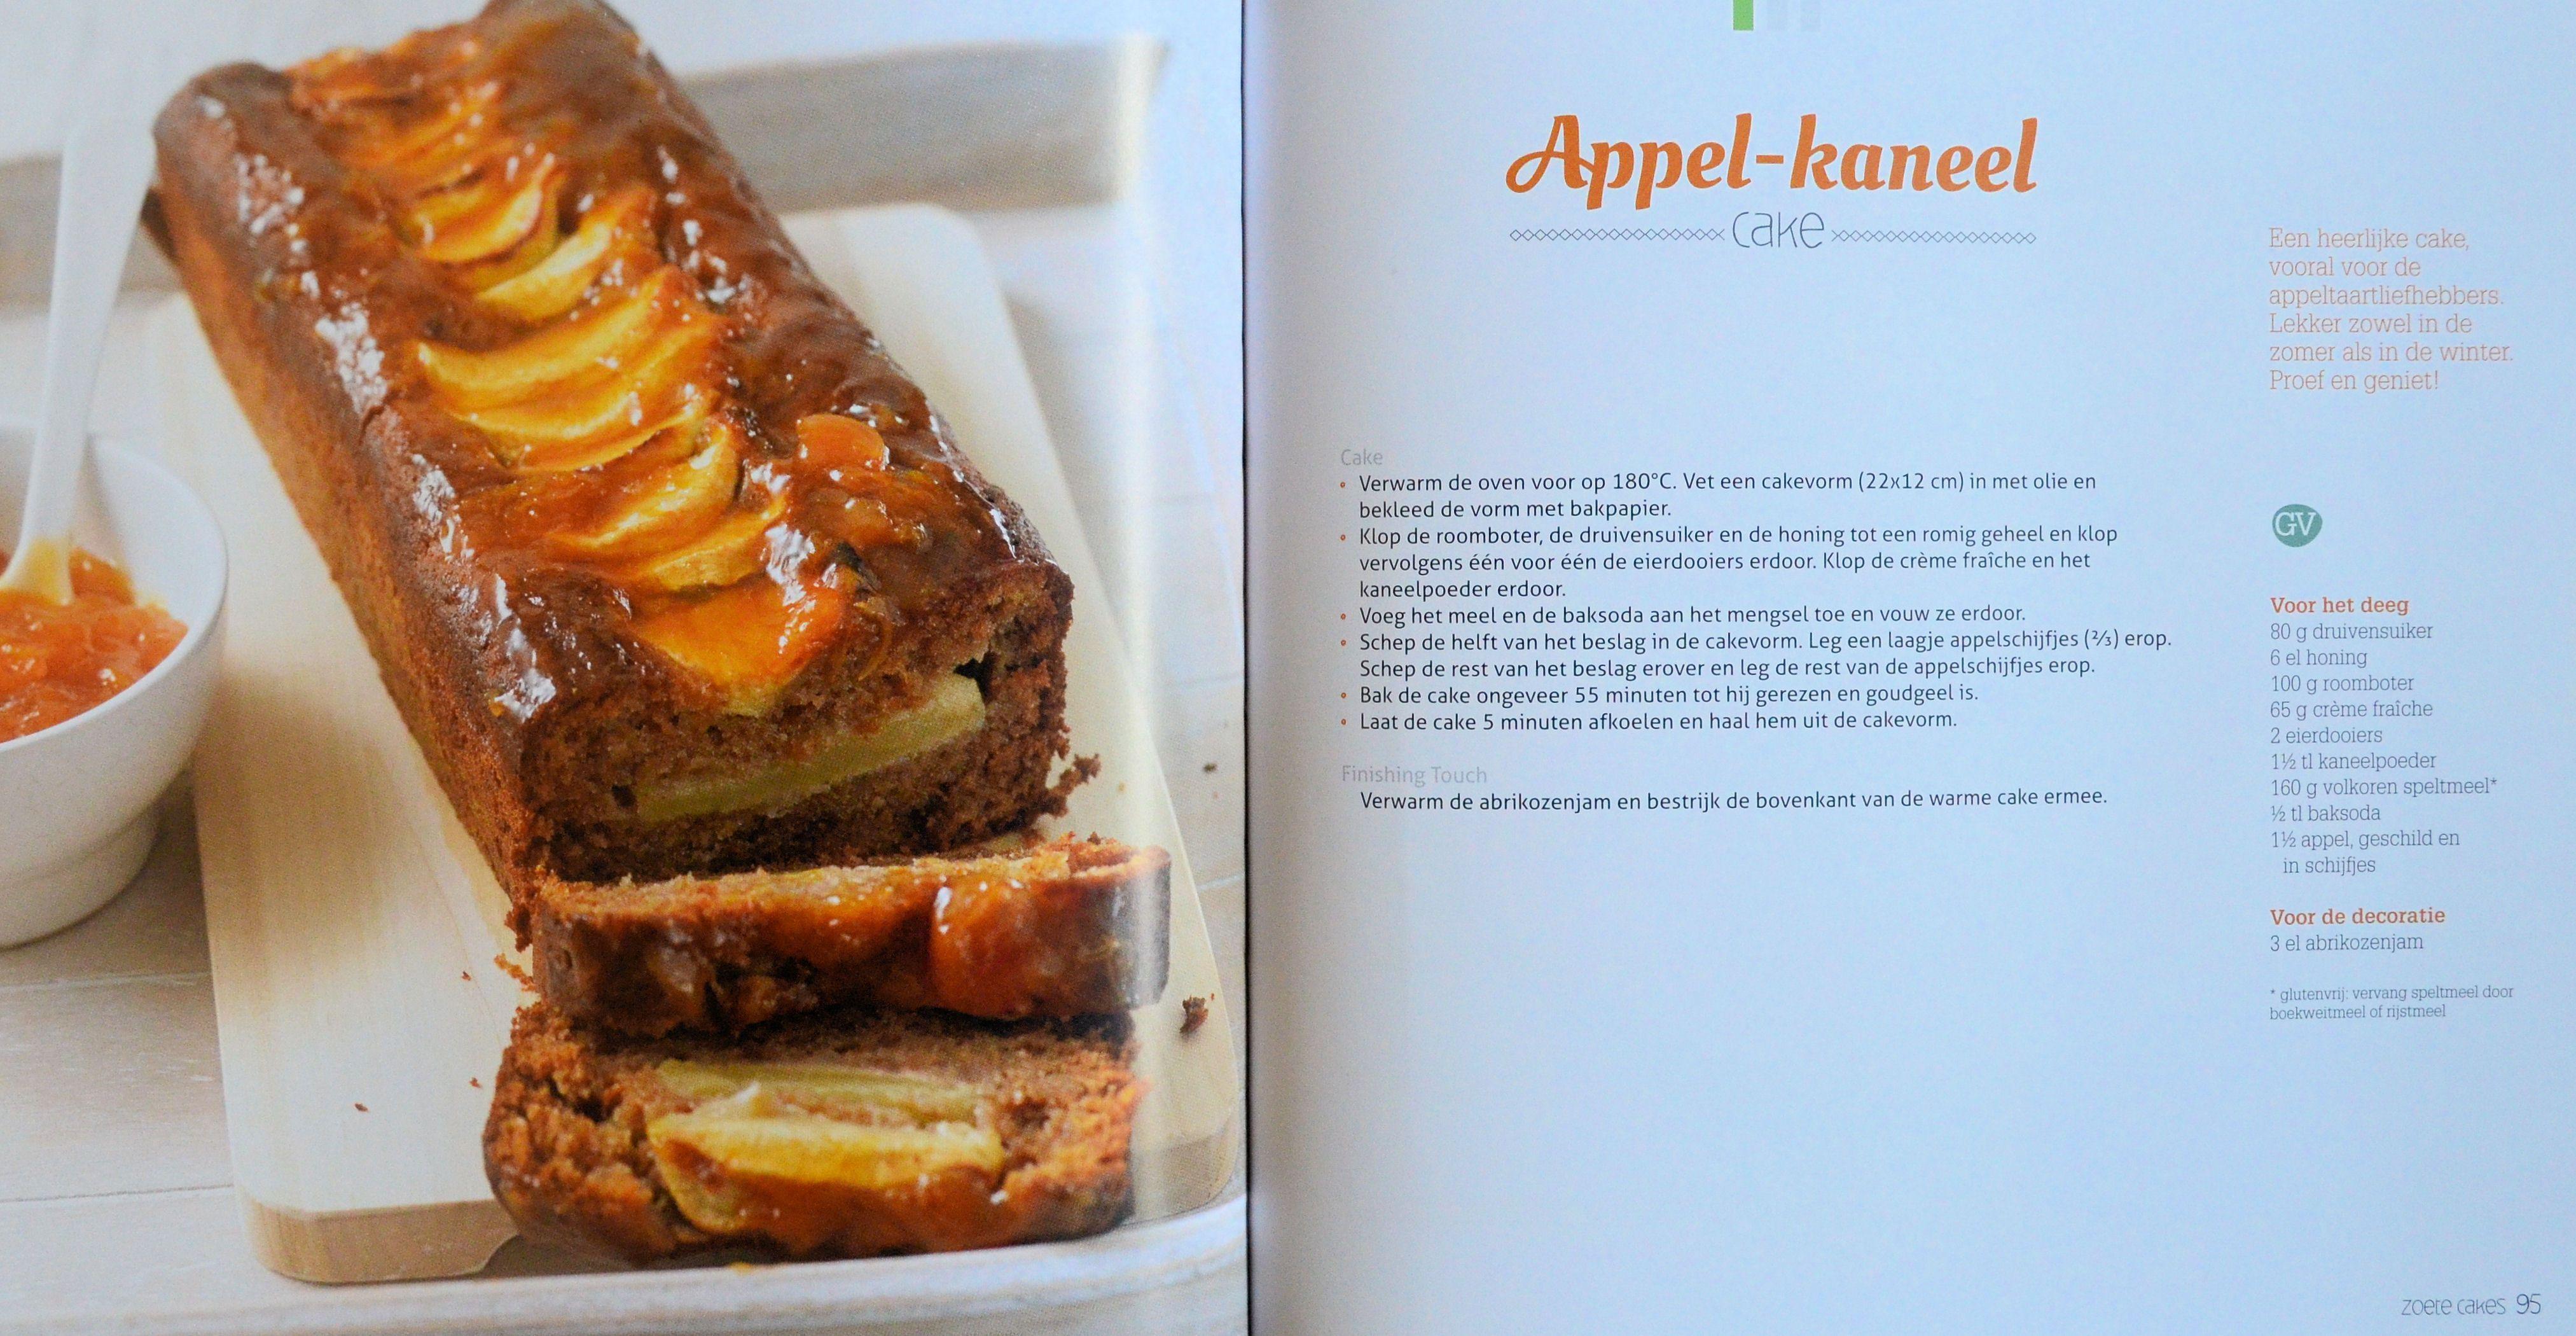 review gezonde taarten cakes en koekjes 4